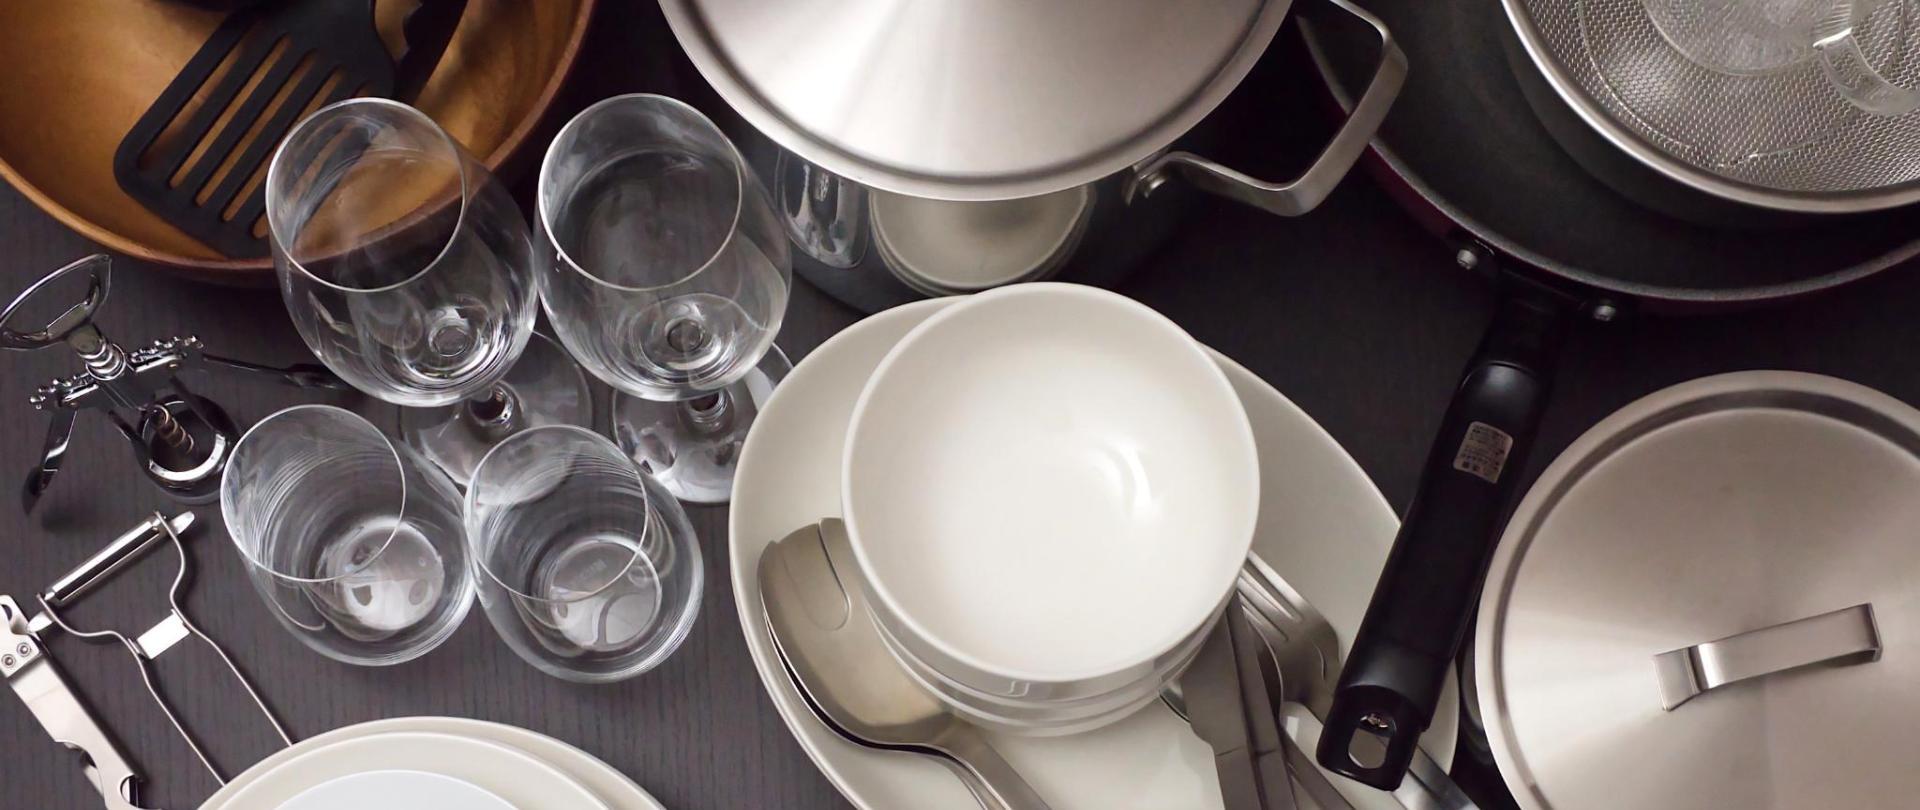 kitchen_goods_0556_3k.jpg